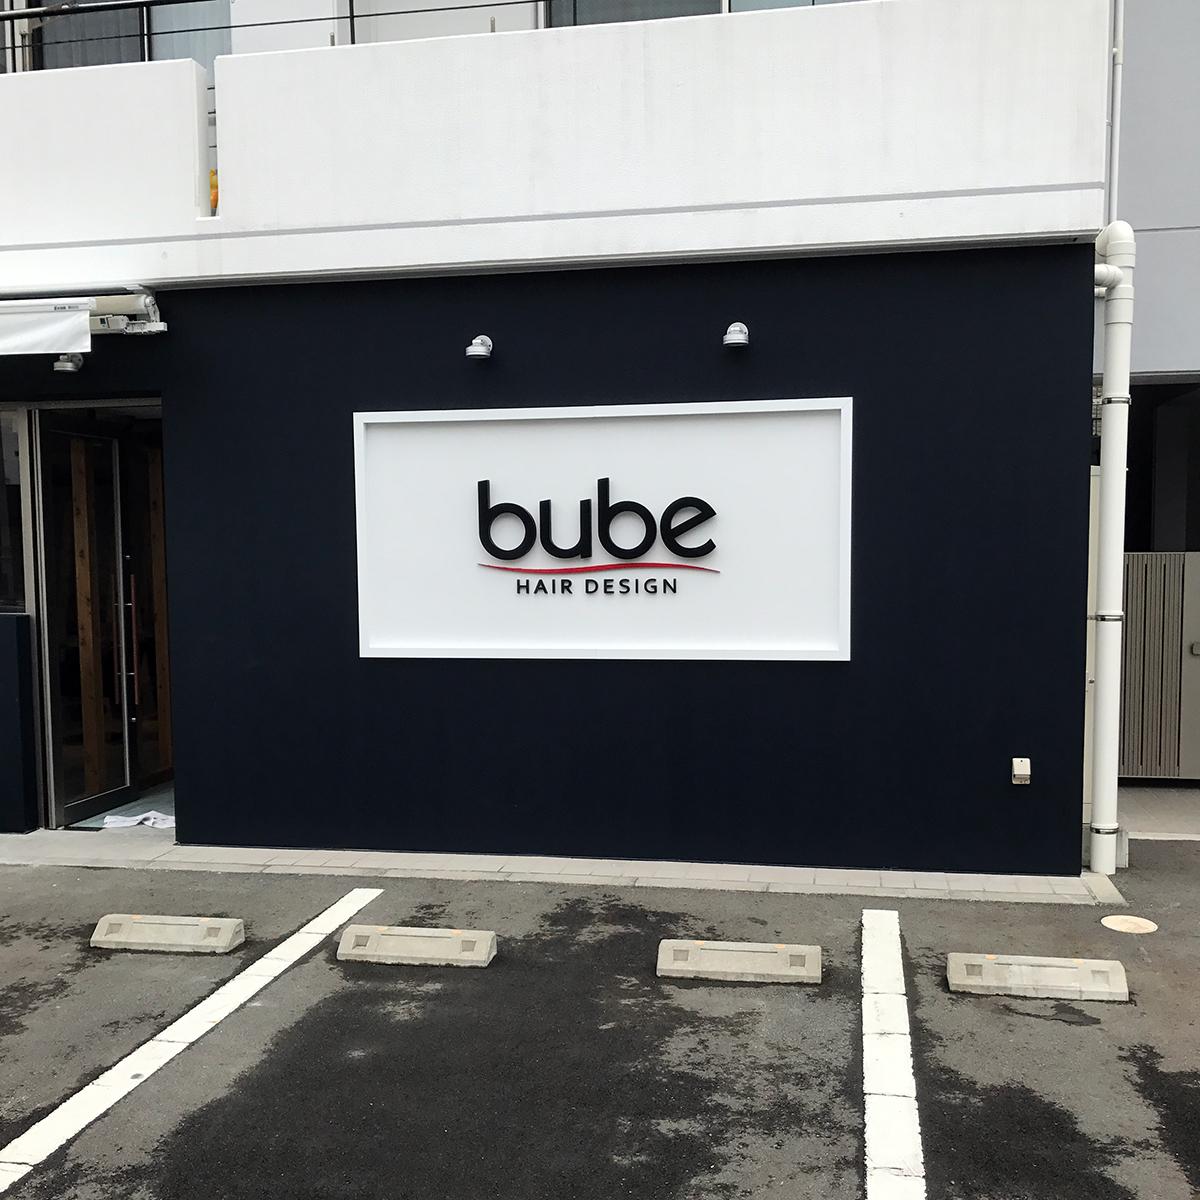 bube05